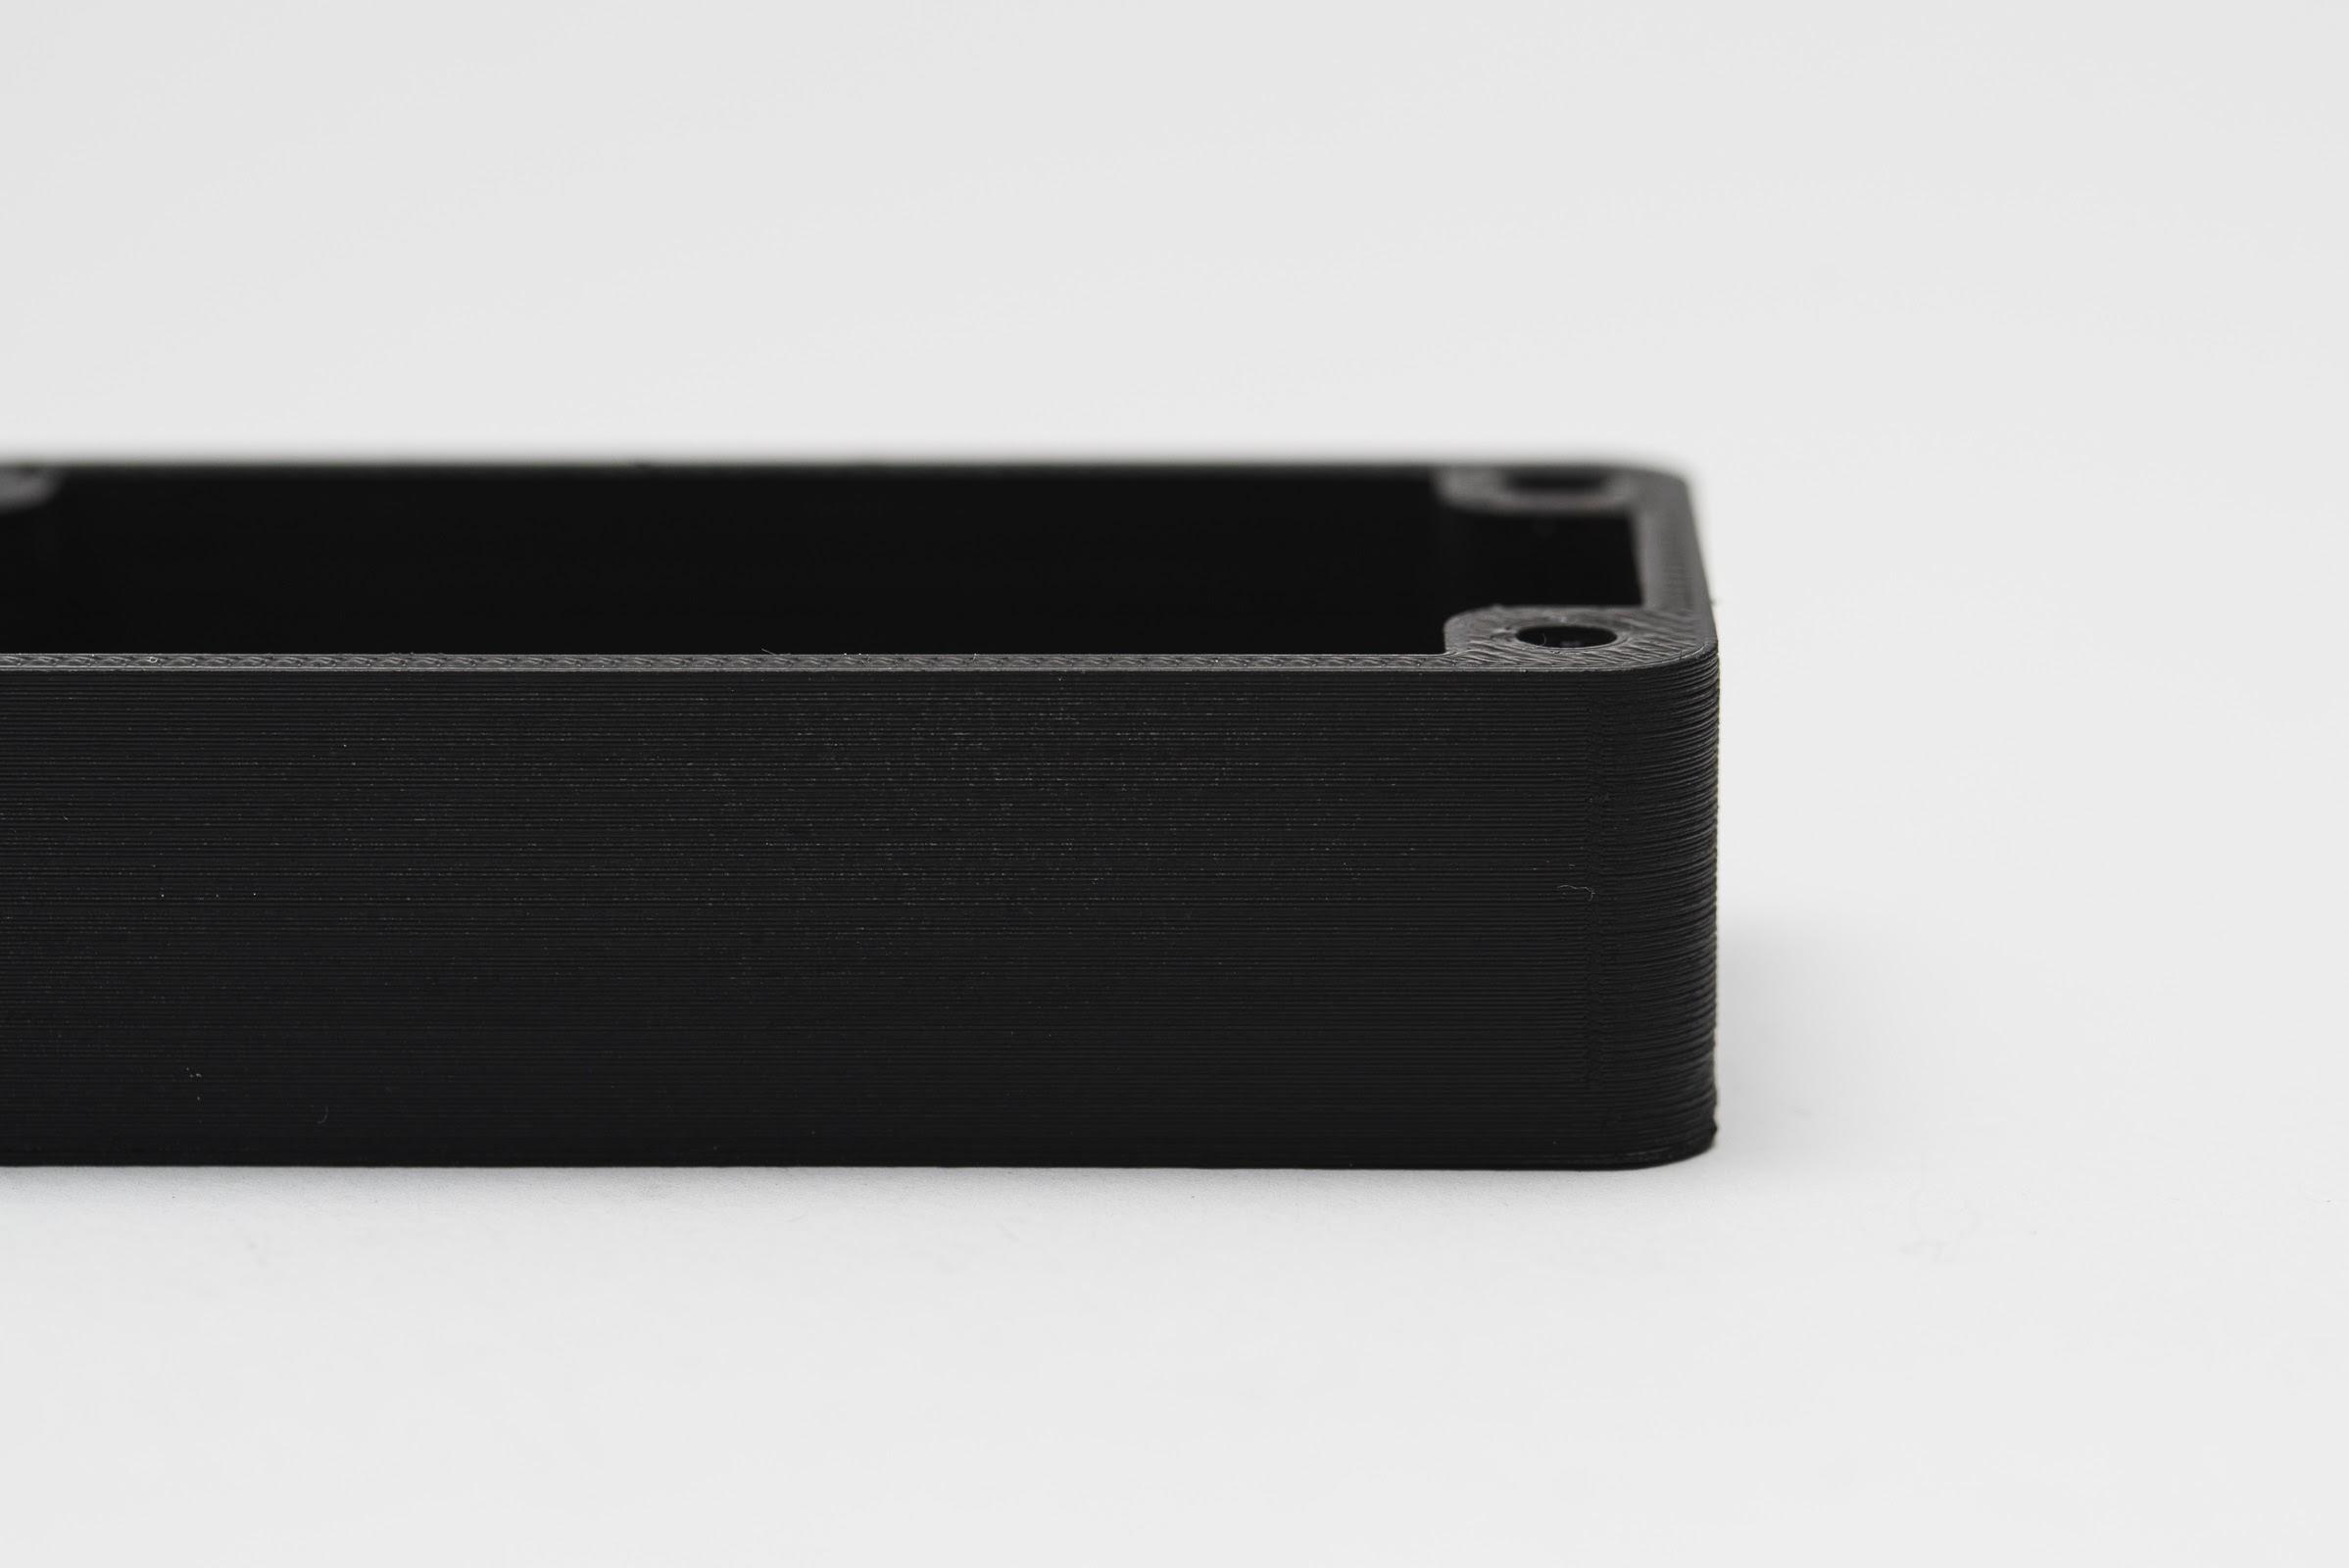 یک قطعه PLA قهوه ای ساخته شده با پرینتر سه بعدی FDM . این قطعه با اسپری رنگ مشکی رنگ شده است.